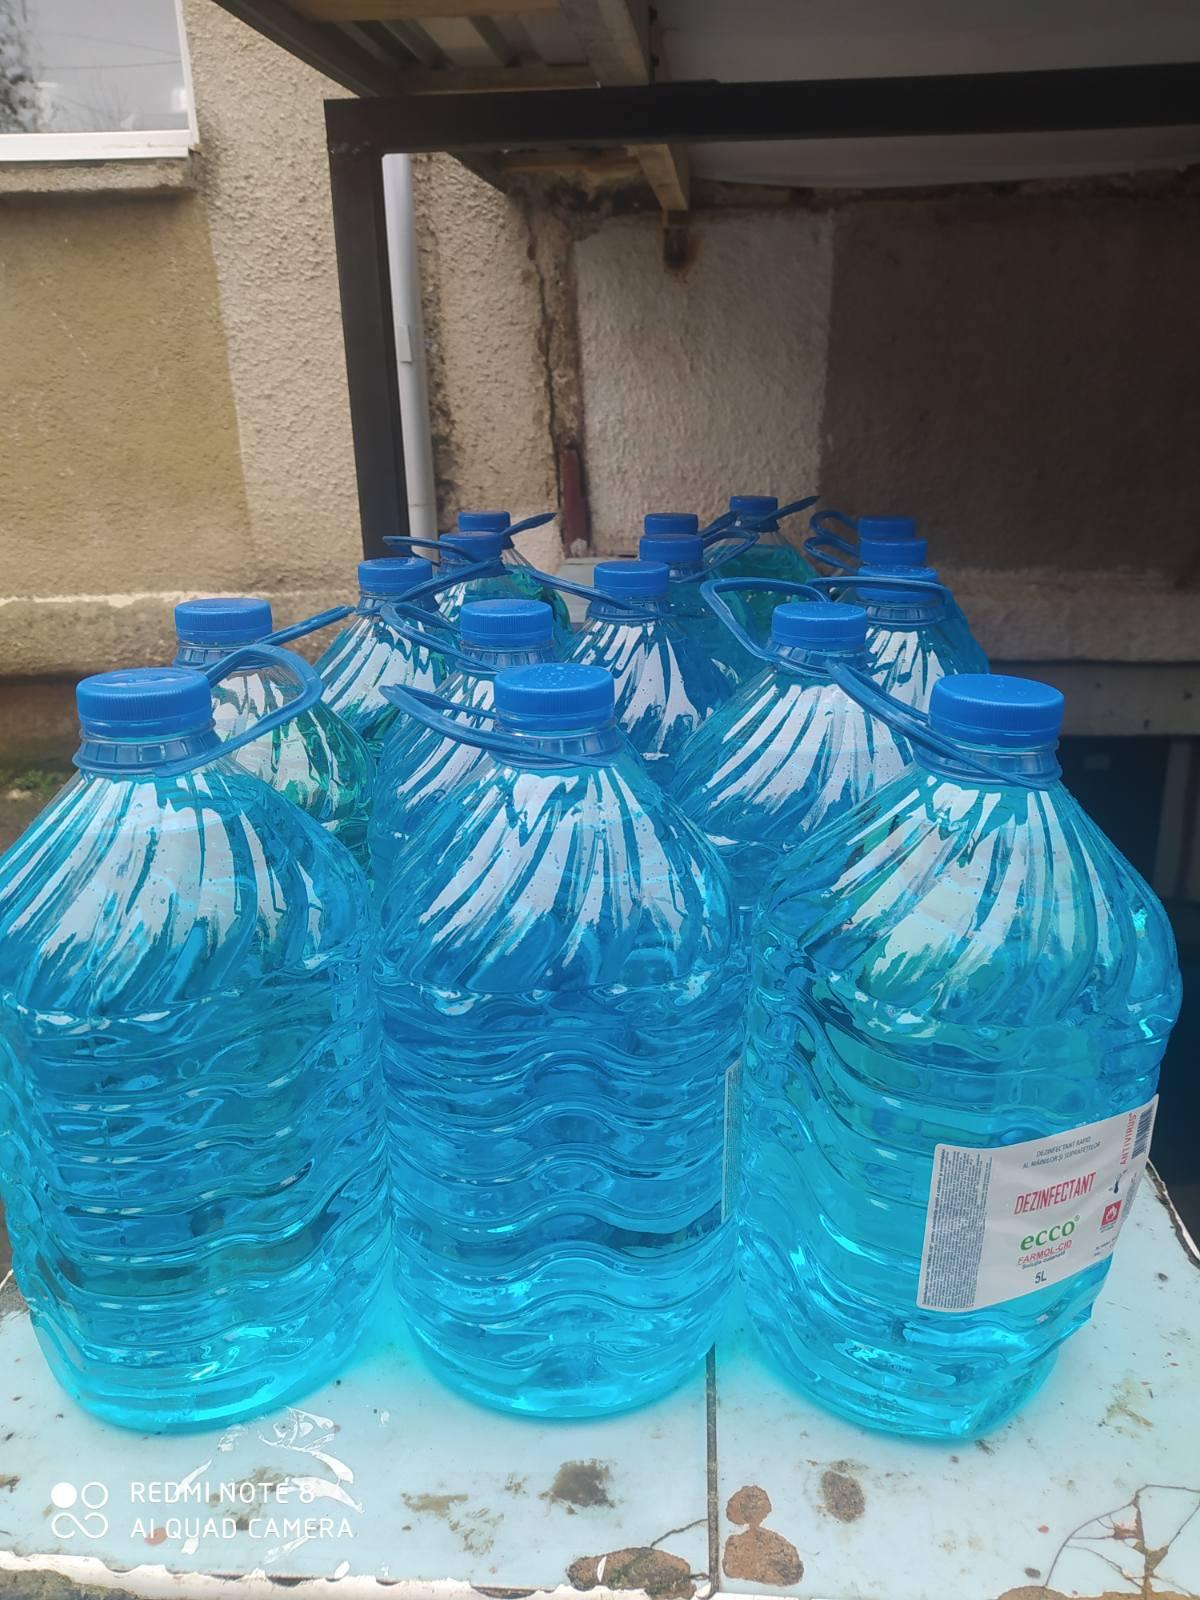 Наш Детский сад получил Благотворительную помощь в виде 185 литров Дезинфицирующей жидкости. Наше Государство заботится о безопасности здоровья малышей. Выражаем Благодарность DETS за содействие и помощь в работе и заботе о подрастающем поколении!!!